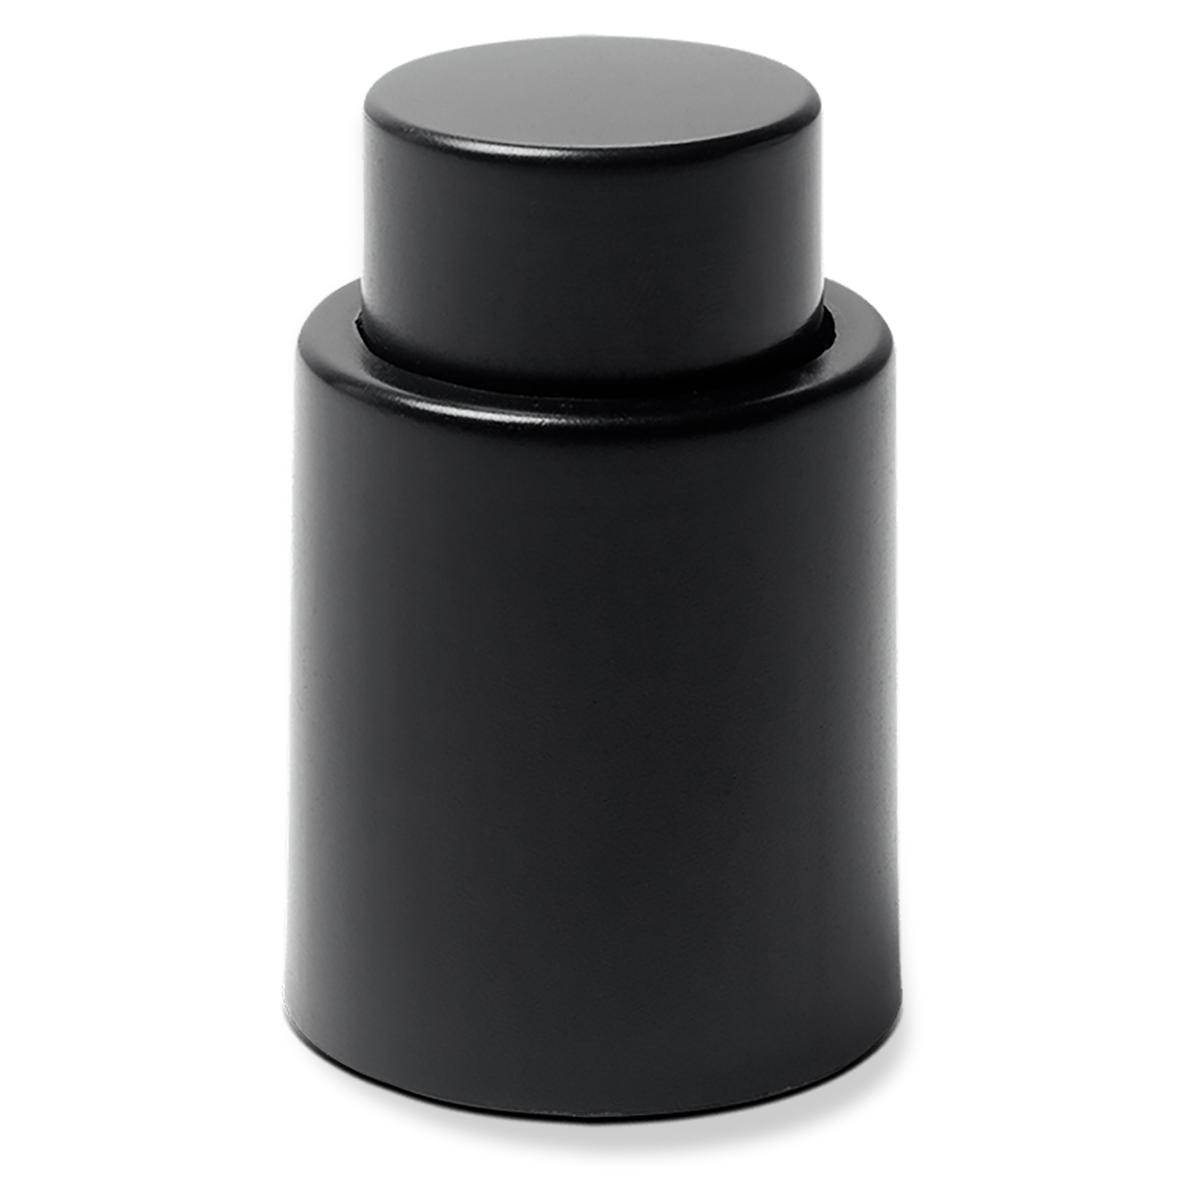 Tampa de pressão p garrafas de vinho Ø4,7x7,2cm Preto Brinox